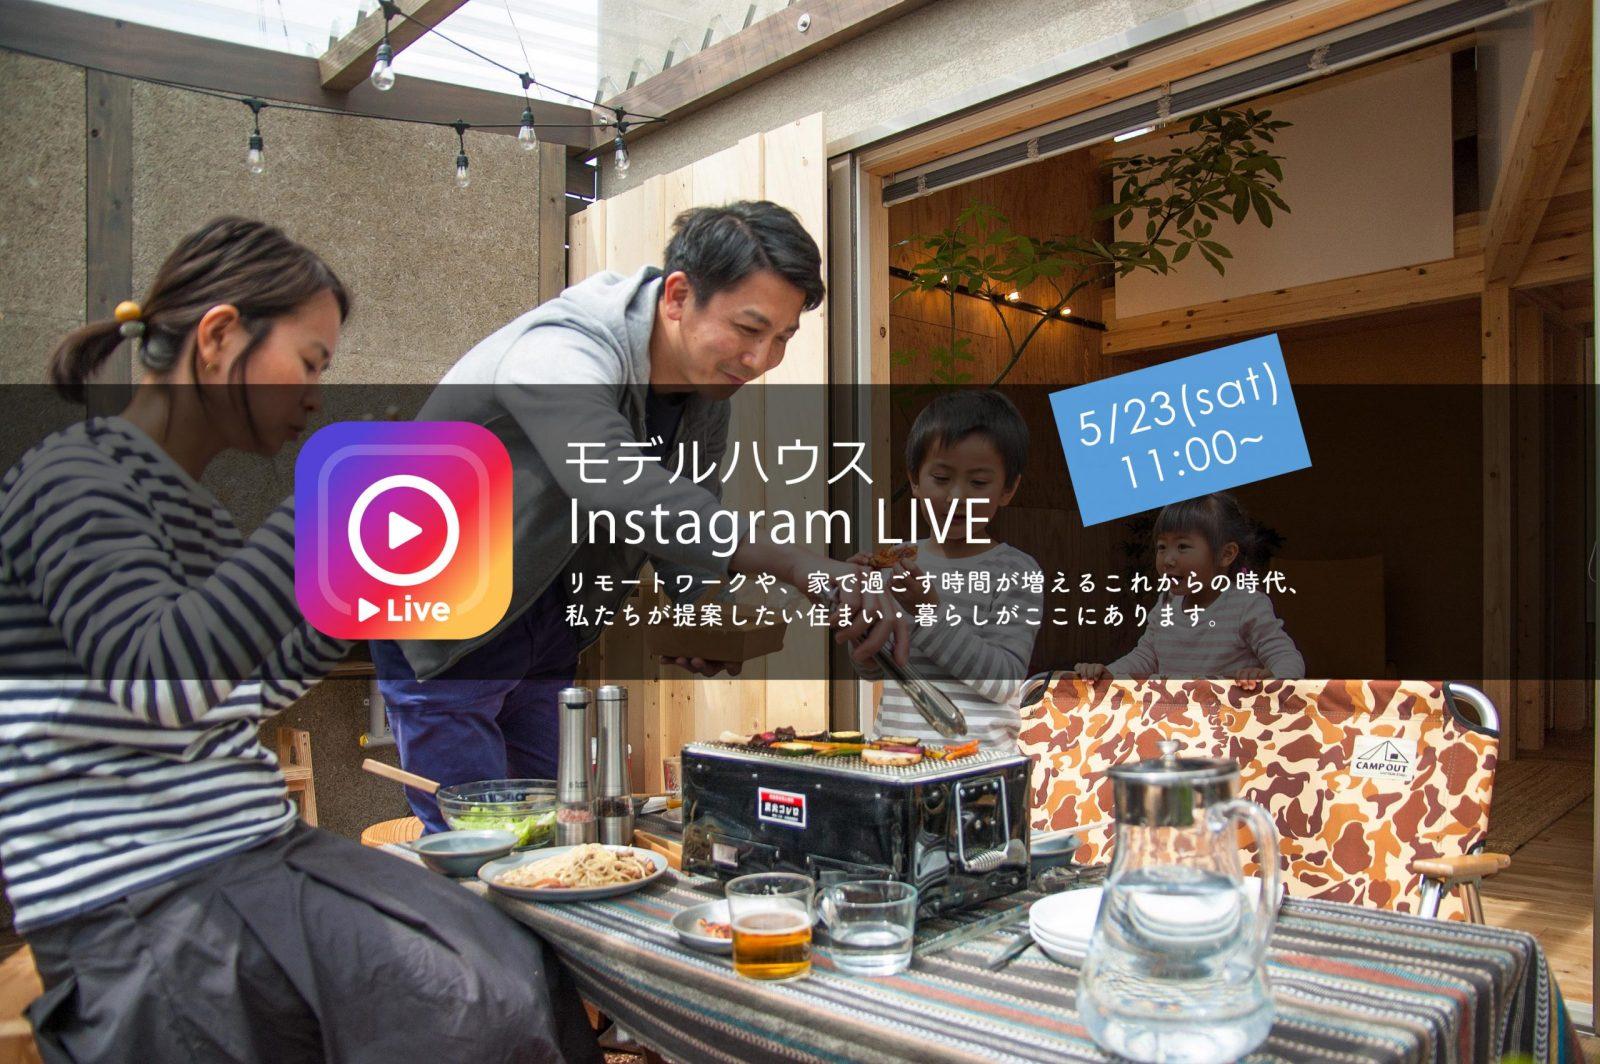 【終了しました】モデルハウス・Instagramライブ見学会 開催のお知らせ